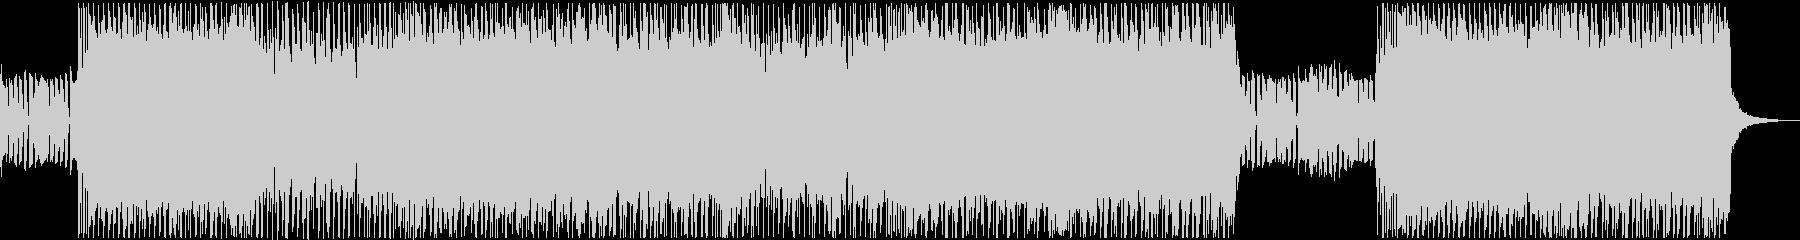 ミッドテンポブルースのメタル/ロッ...の未再生の波形